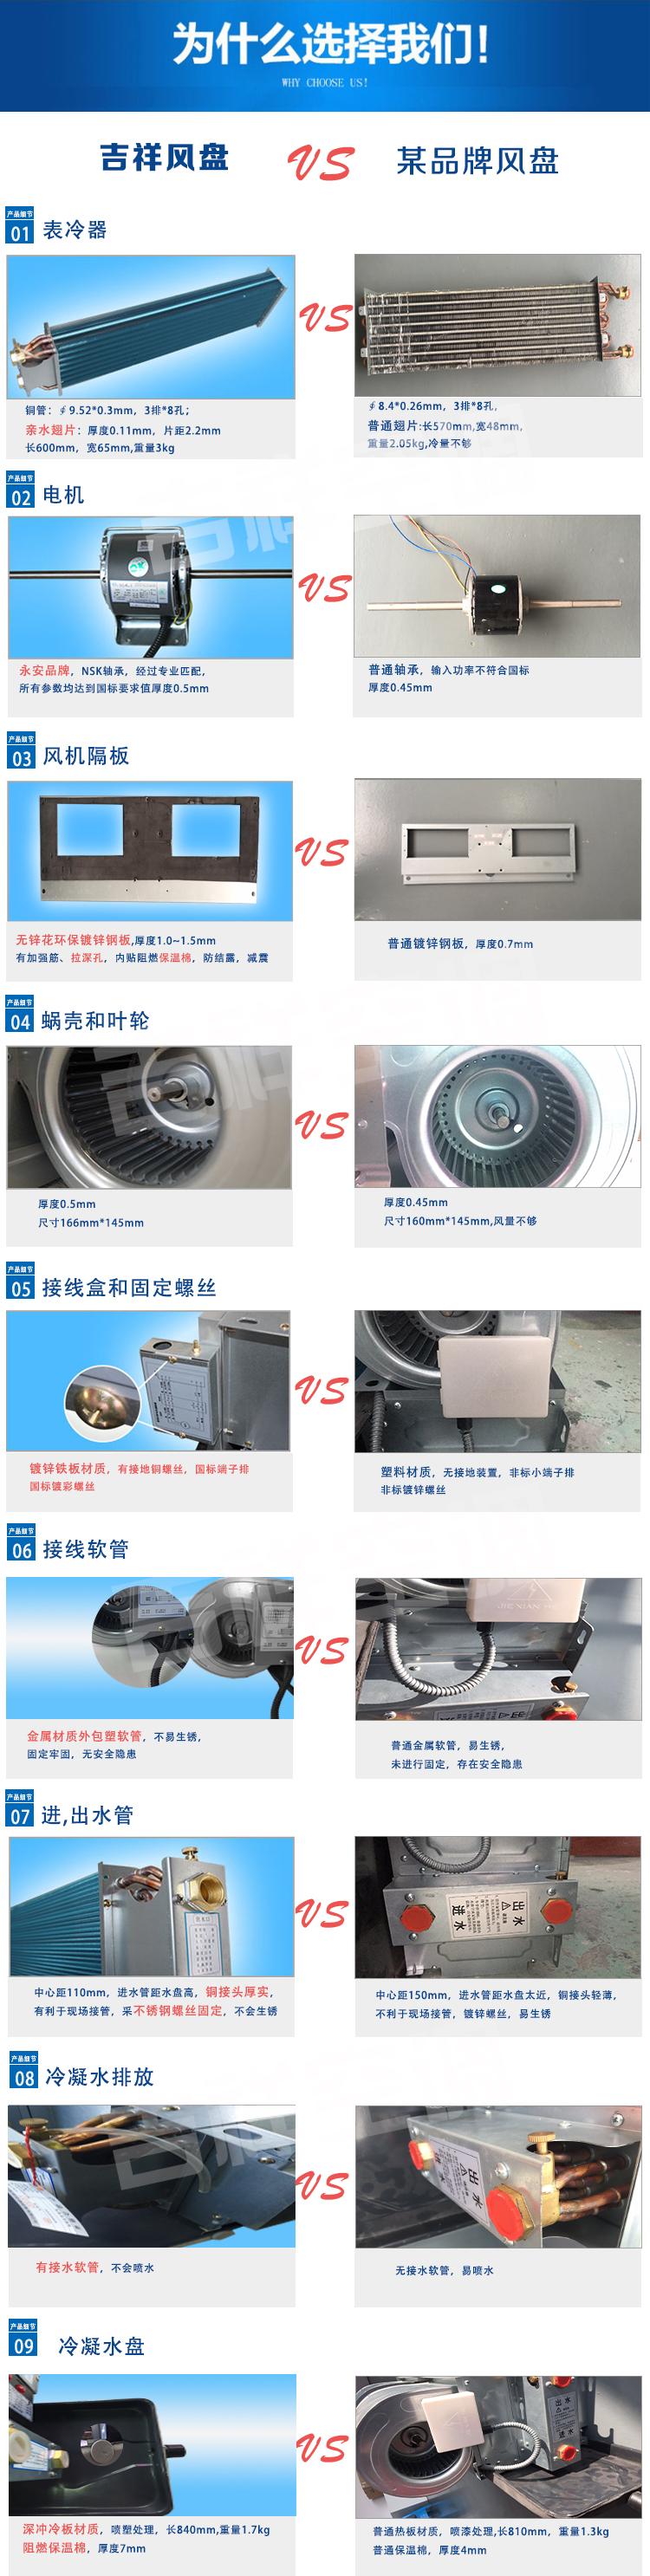 惠买通,风机盘管,新风换气机,空气hg盘口开户|官网